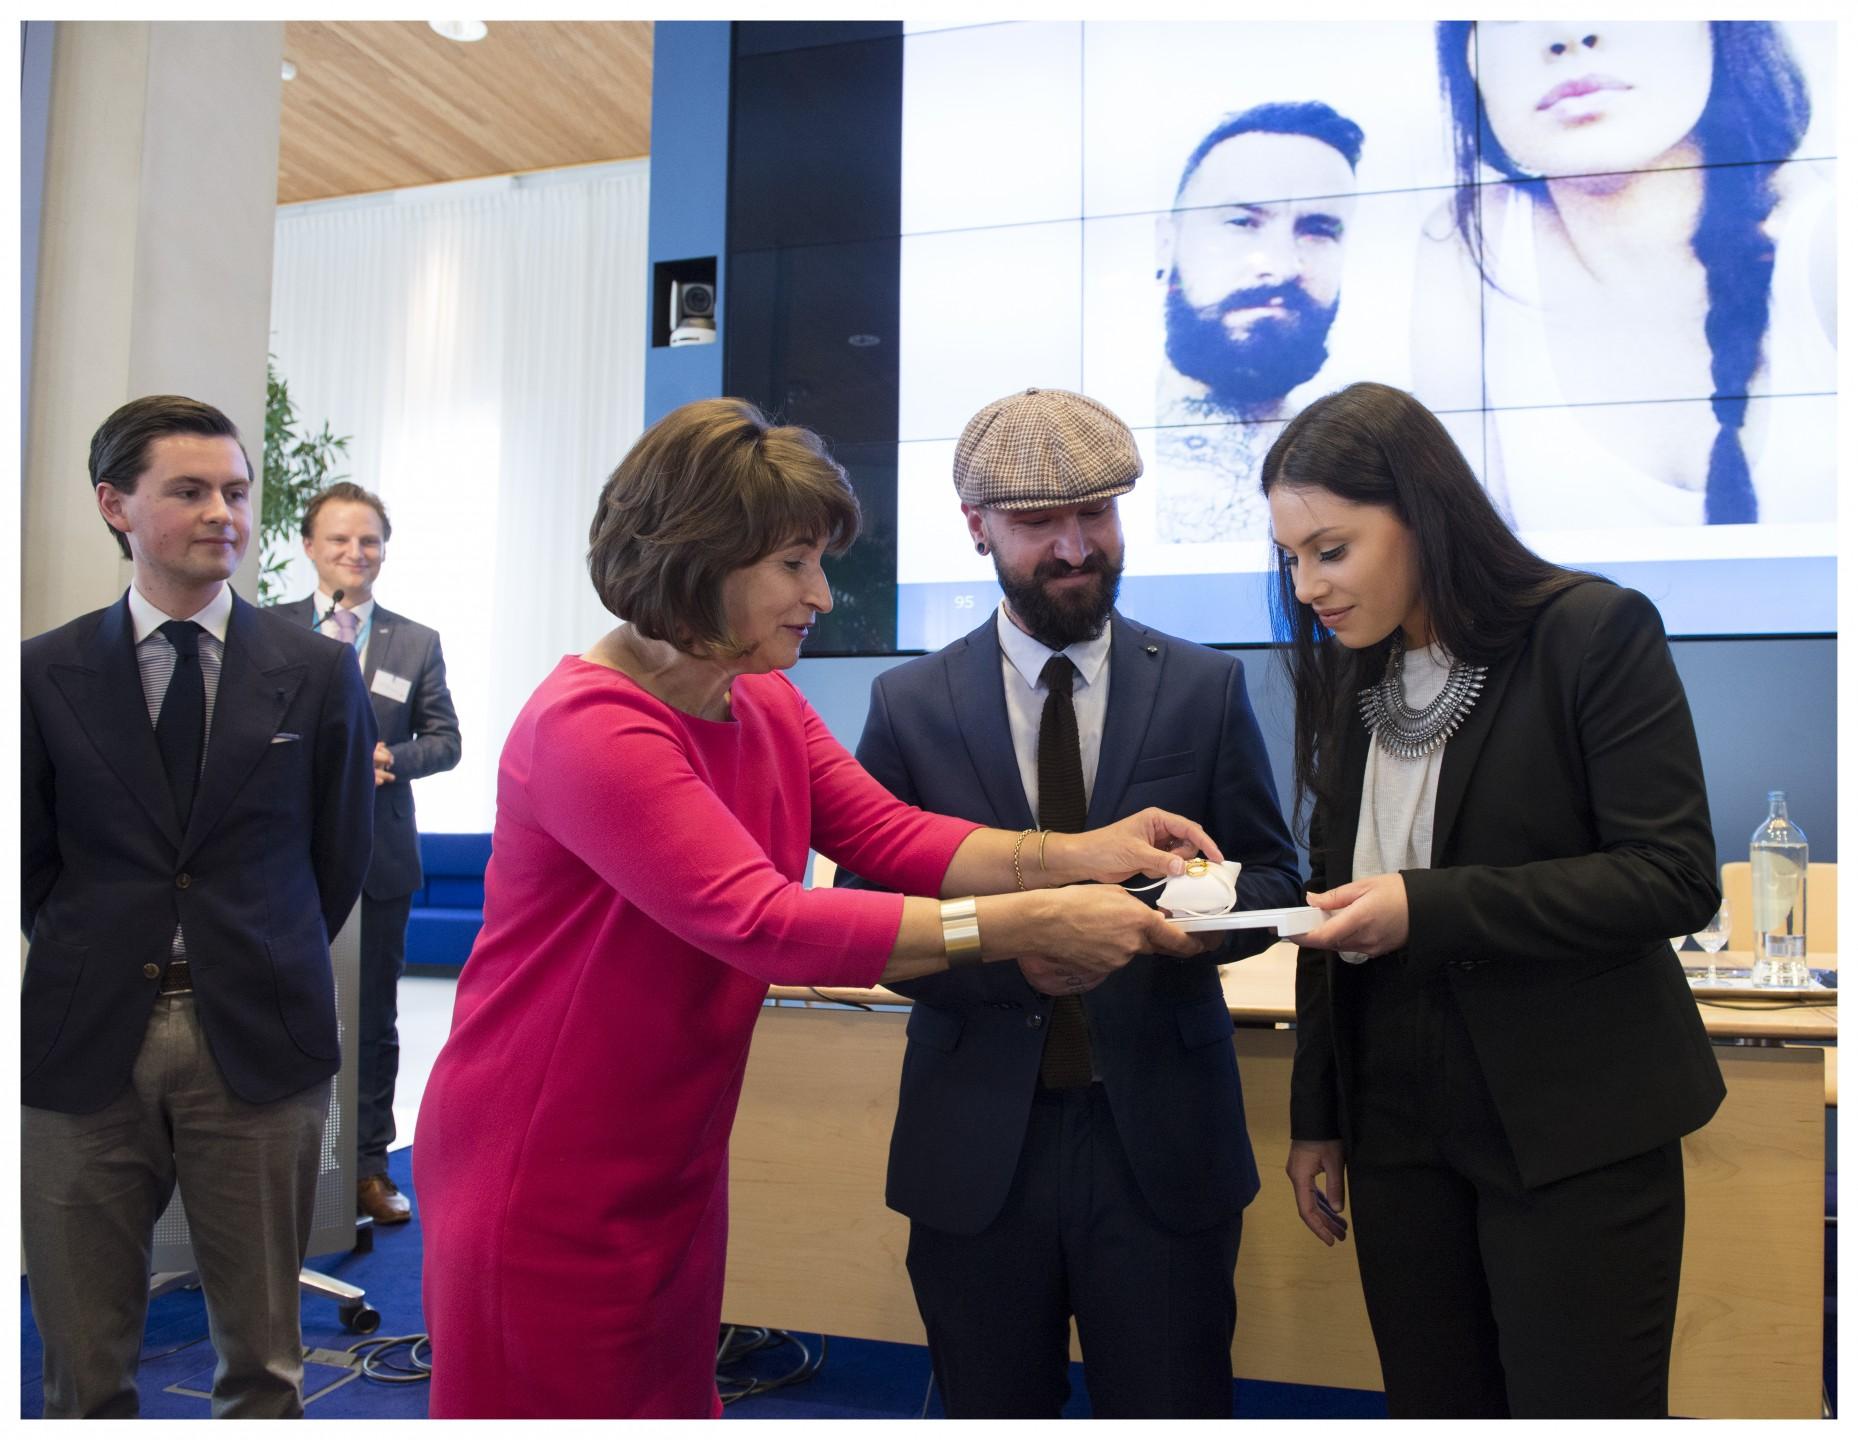 Minister Ploumen overhandigt fairtrade trouwringen aan een pas verloofd stel. Foto: Aad Meijer